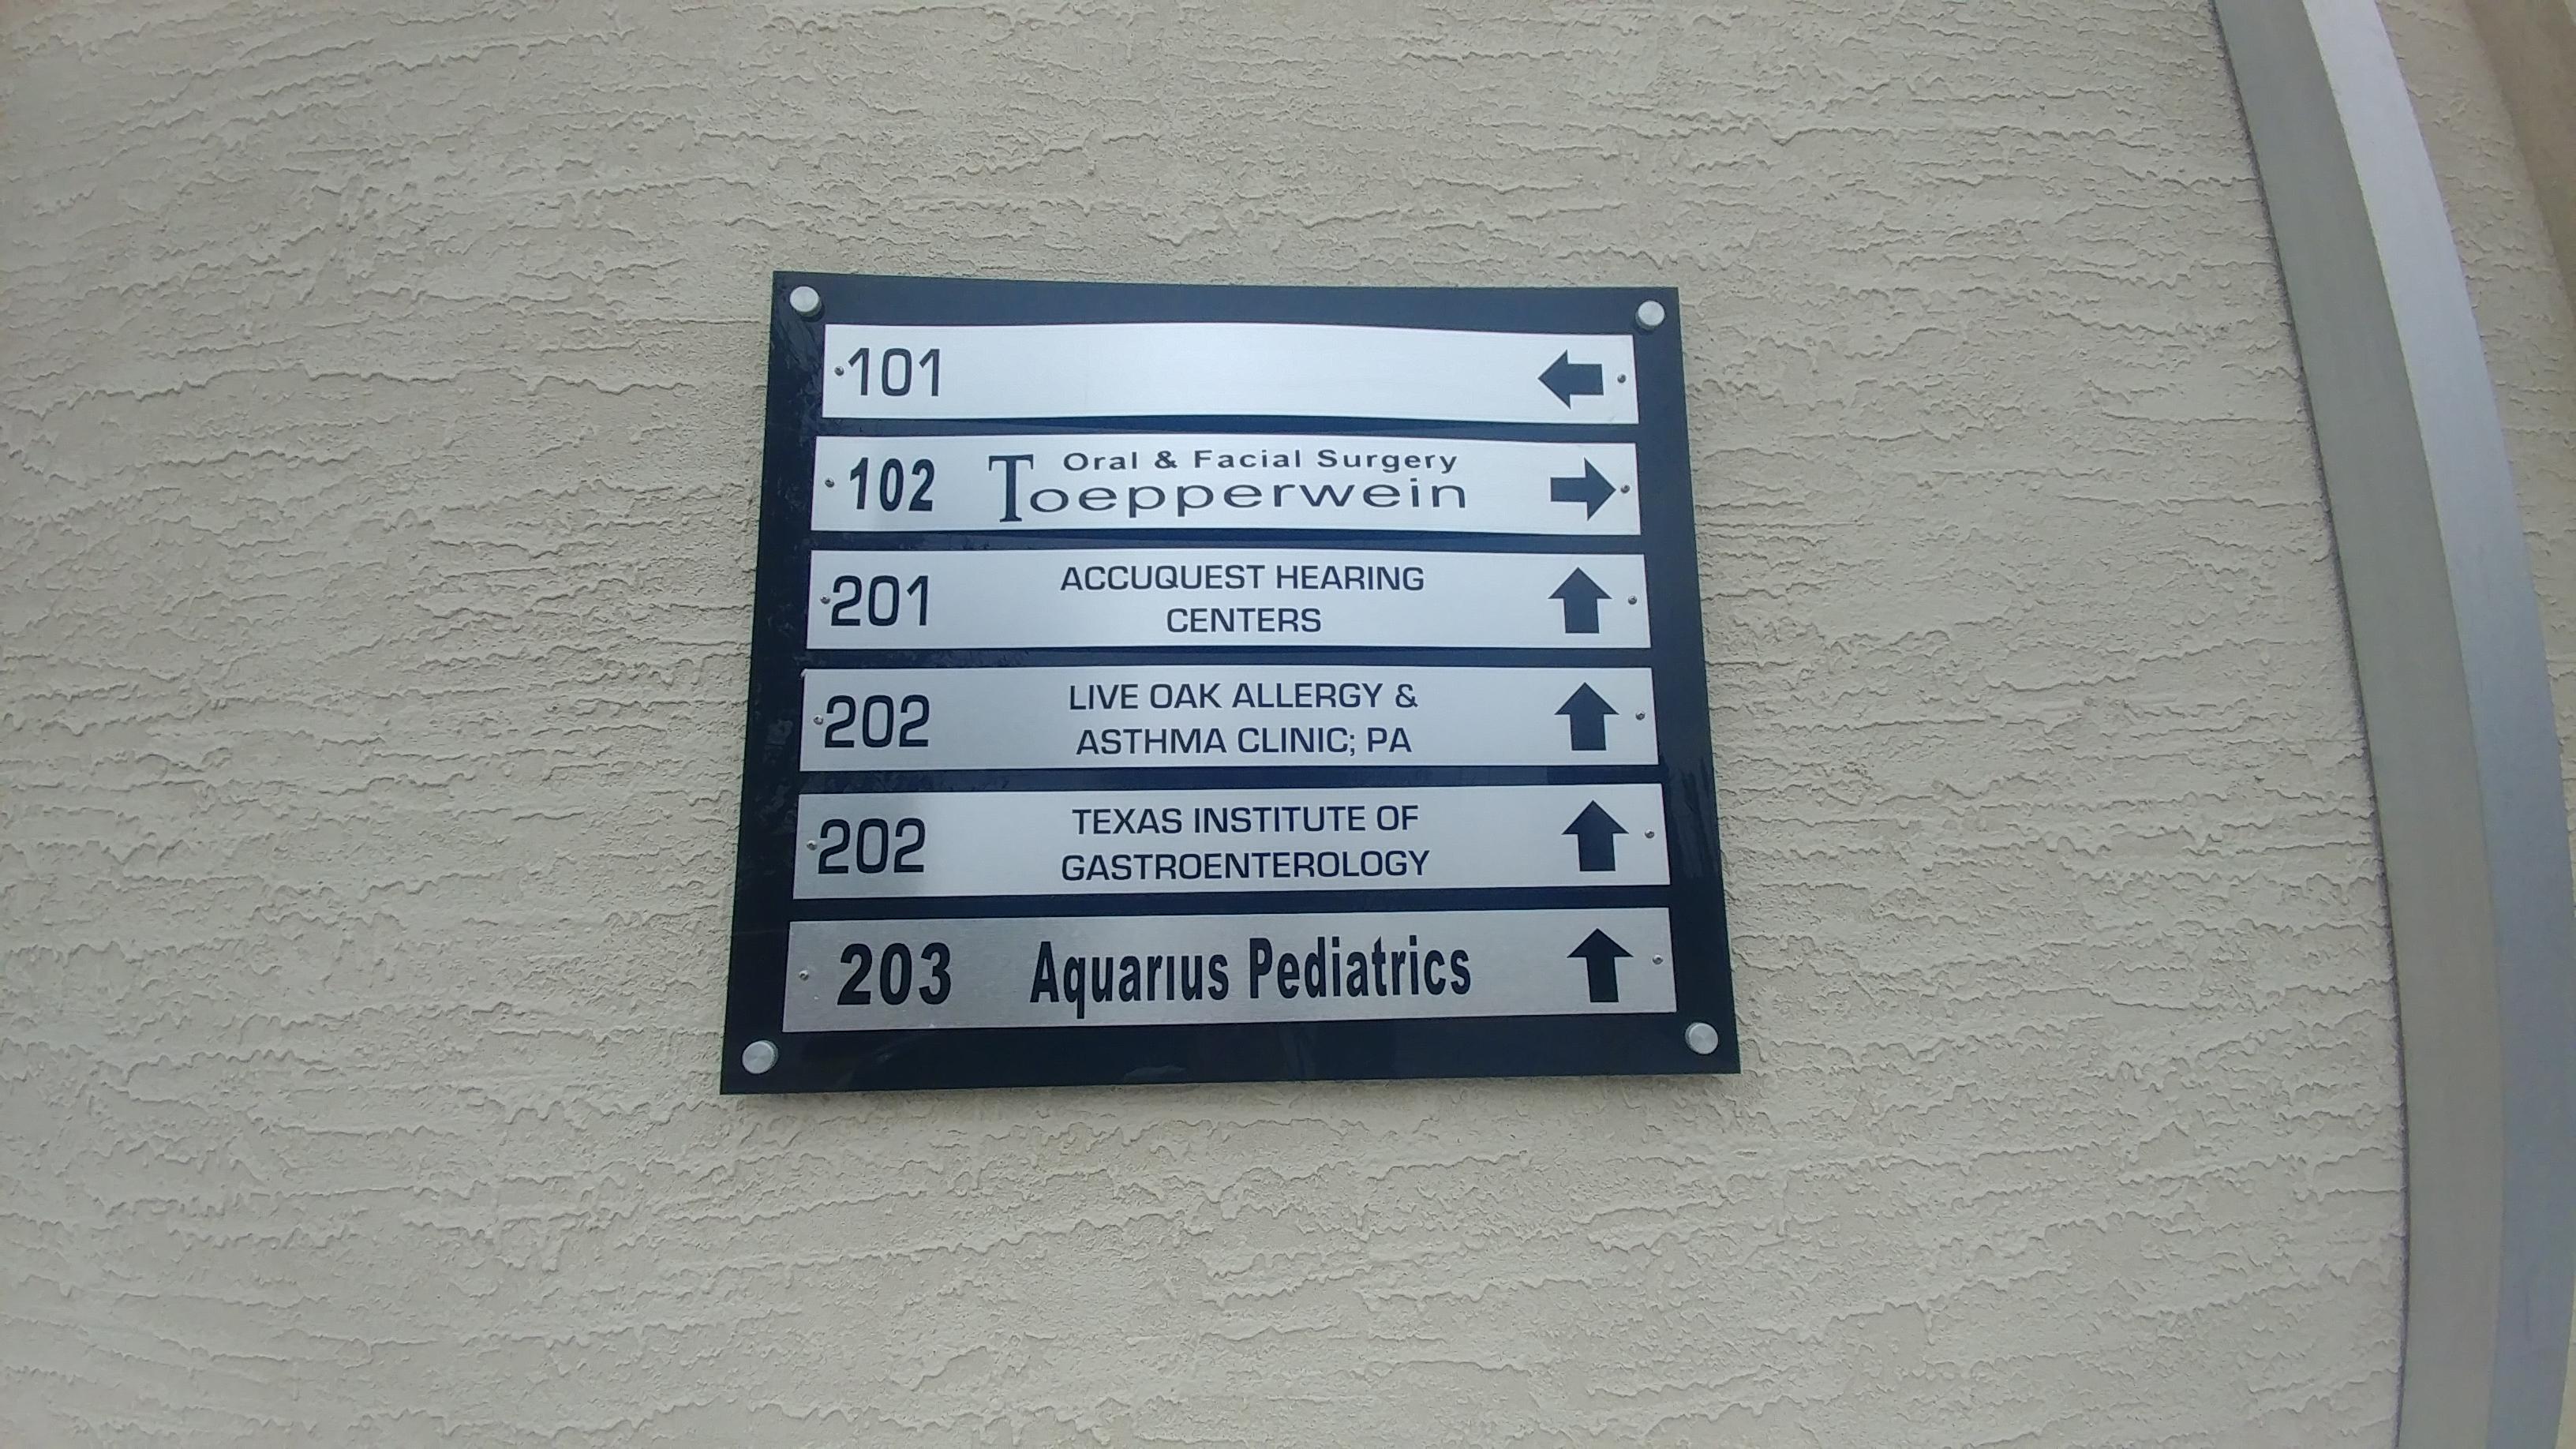 Aquarius Pediatrics image 5